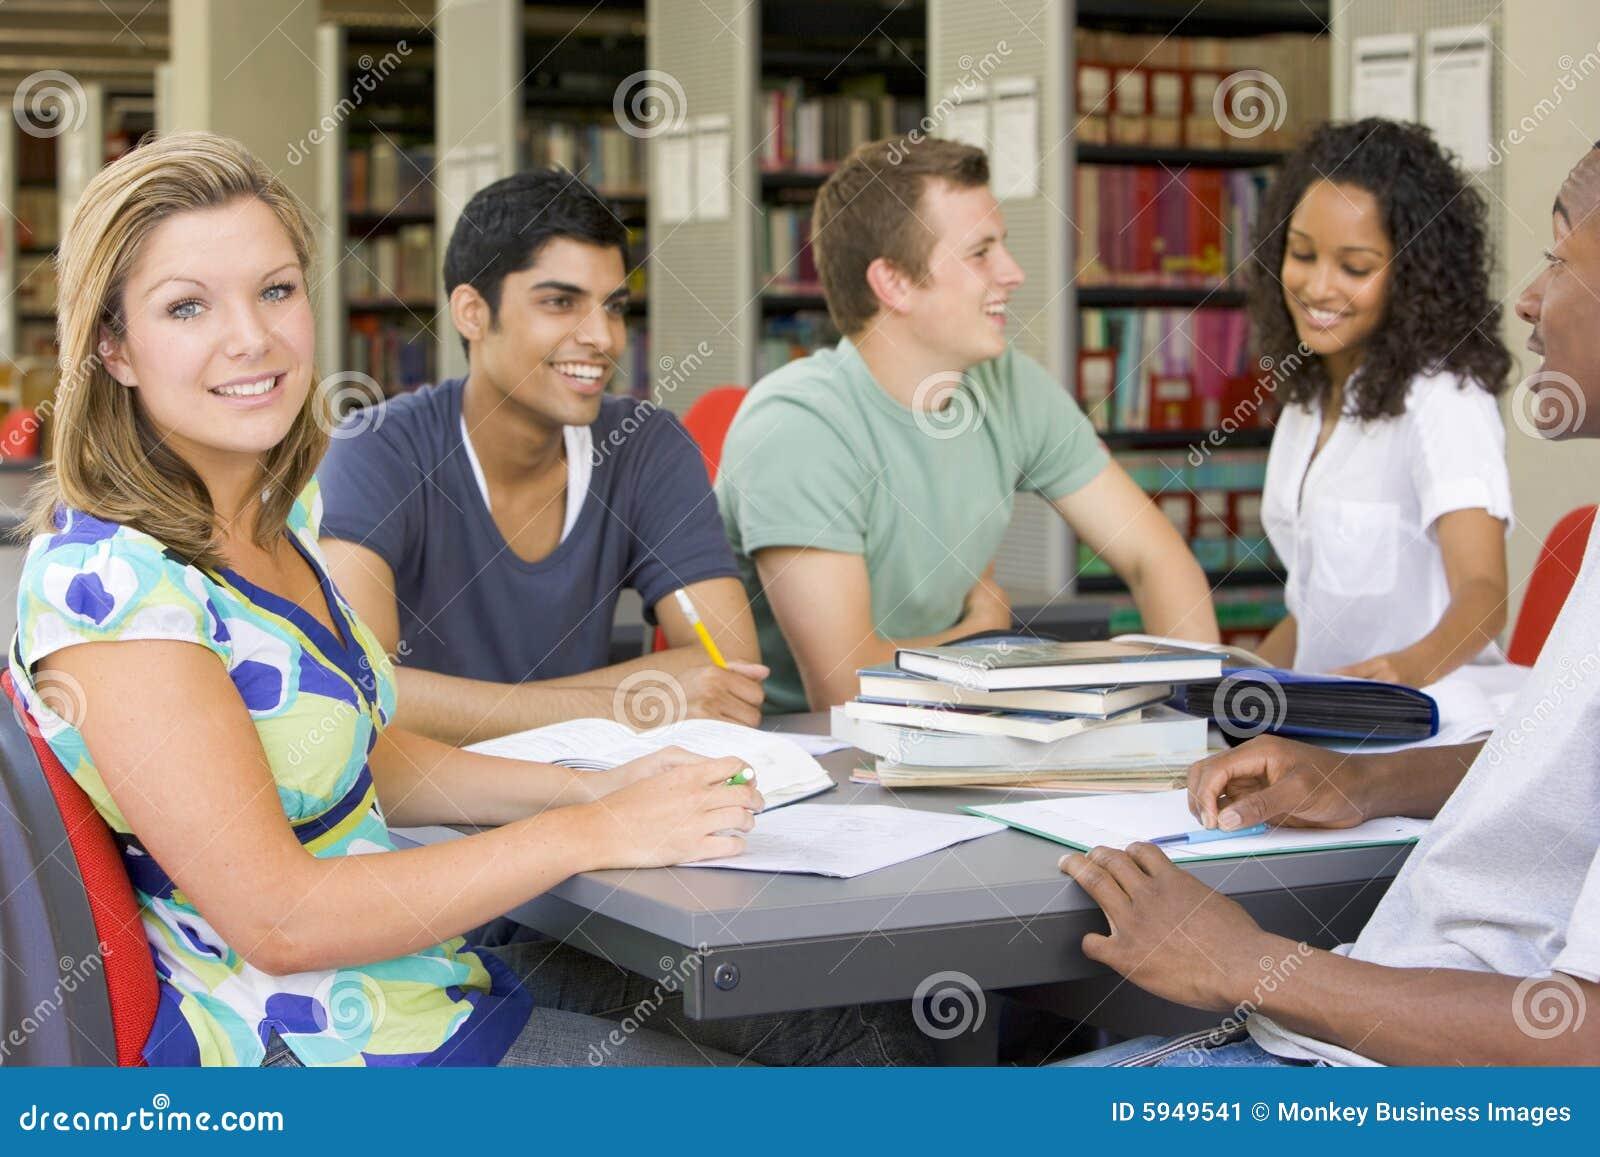 Estudiantes universitarios que estudian junto en una biblioteca